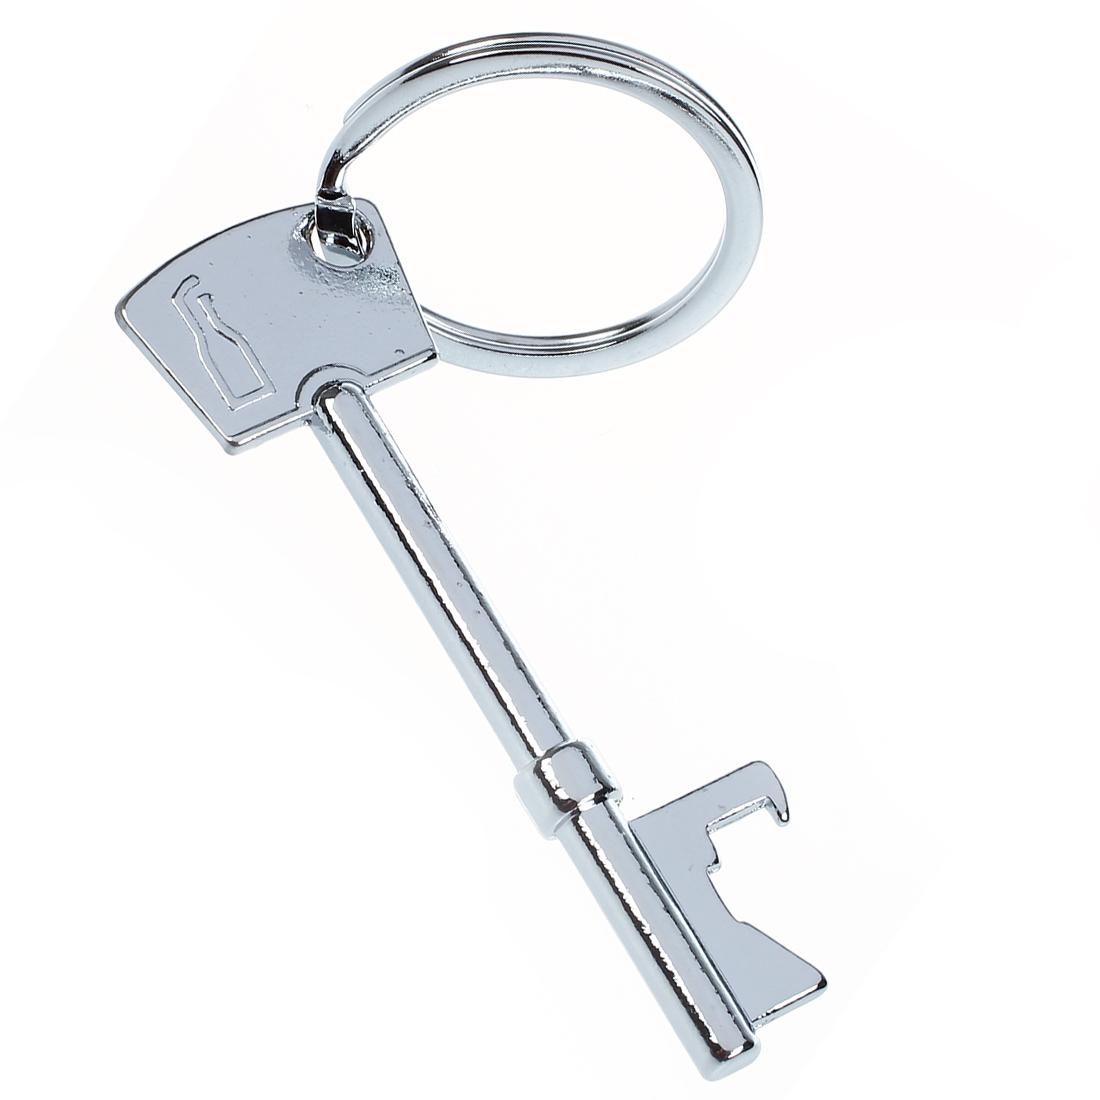 beer bottle opener key ring keychain bar tool g8w9 ebay. Black Bedroom Furniture Sets. Home Design Ideas